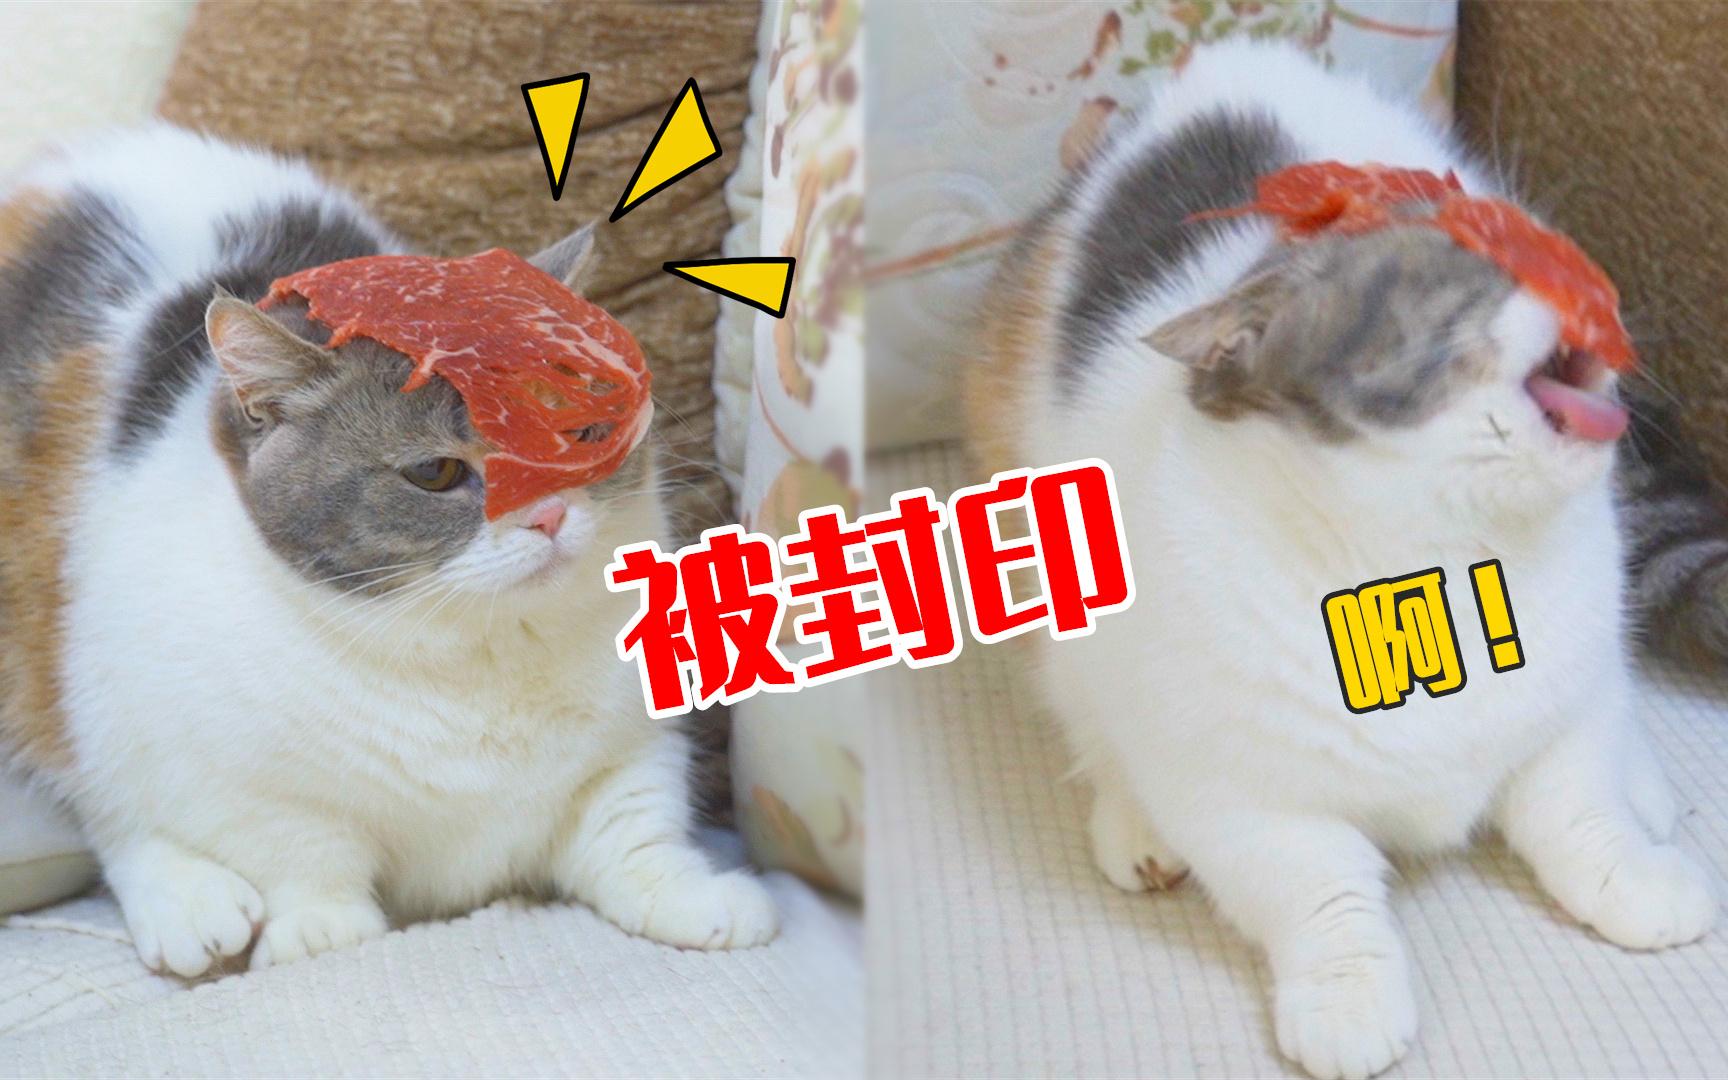 突然把牛肉扔猫脸上,猫会什么反应?猫:封印住了!